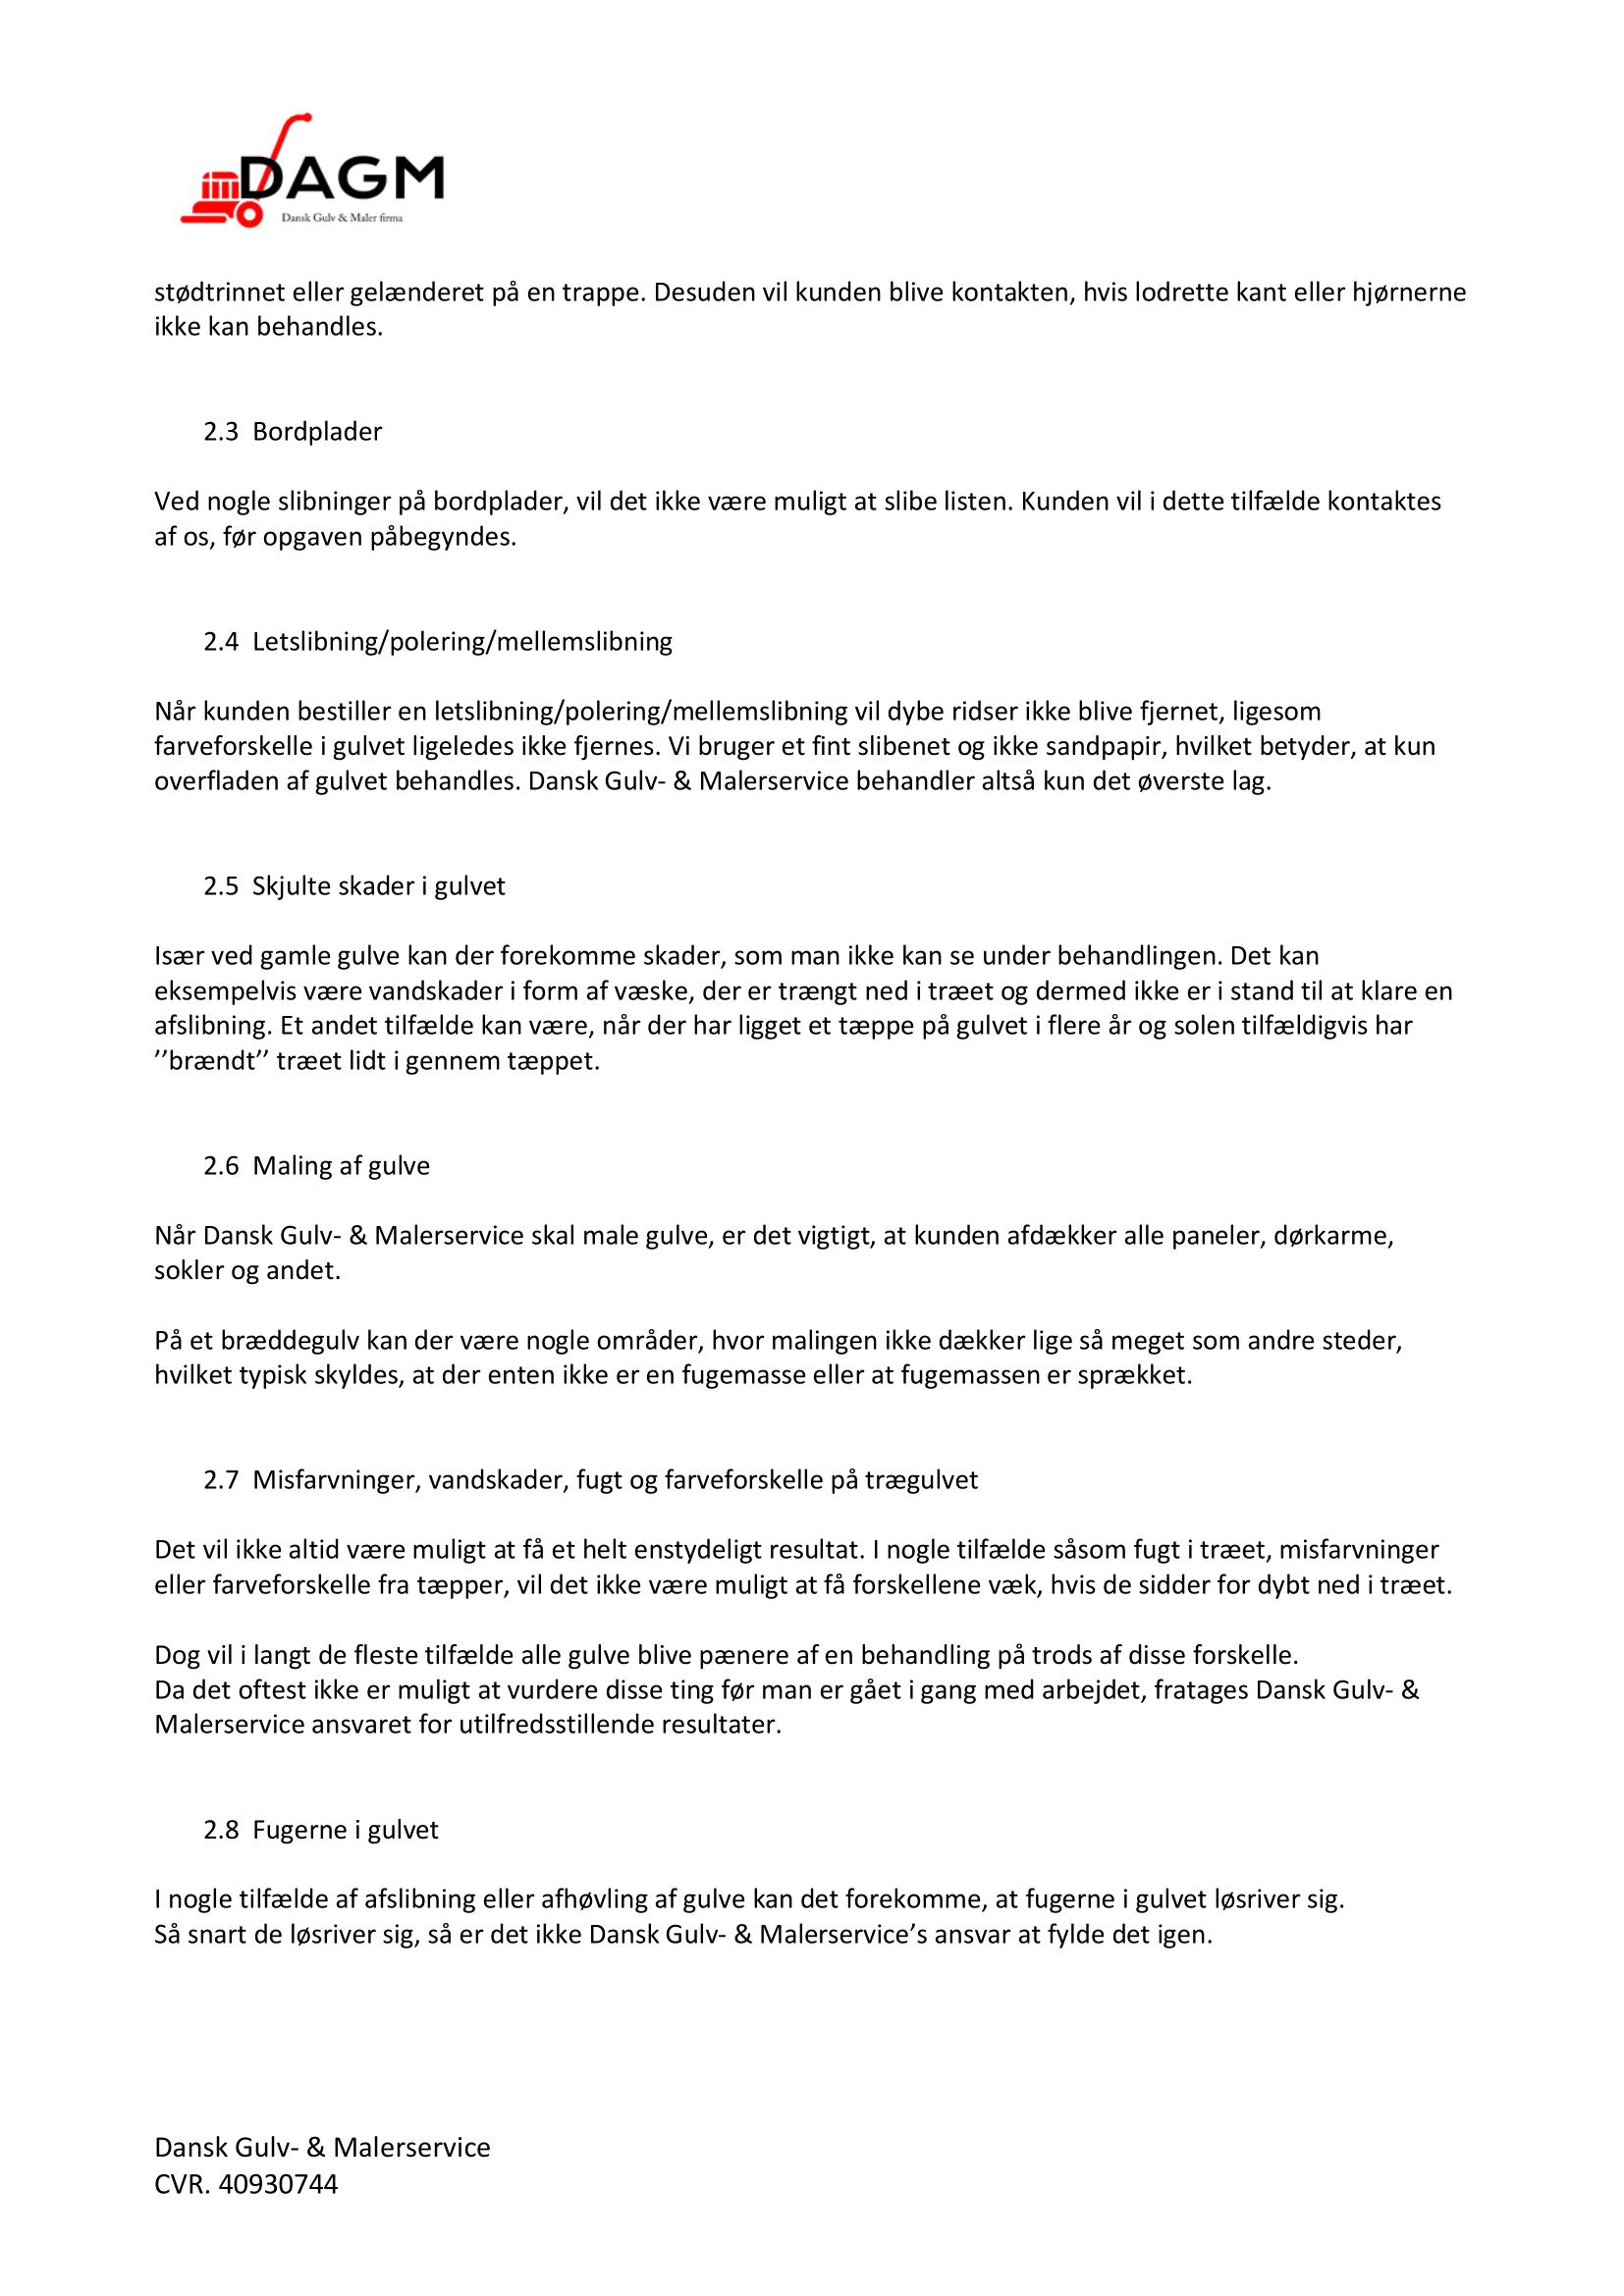 Arbejdsbetingelser-3